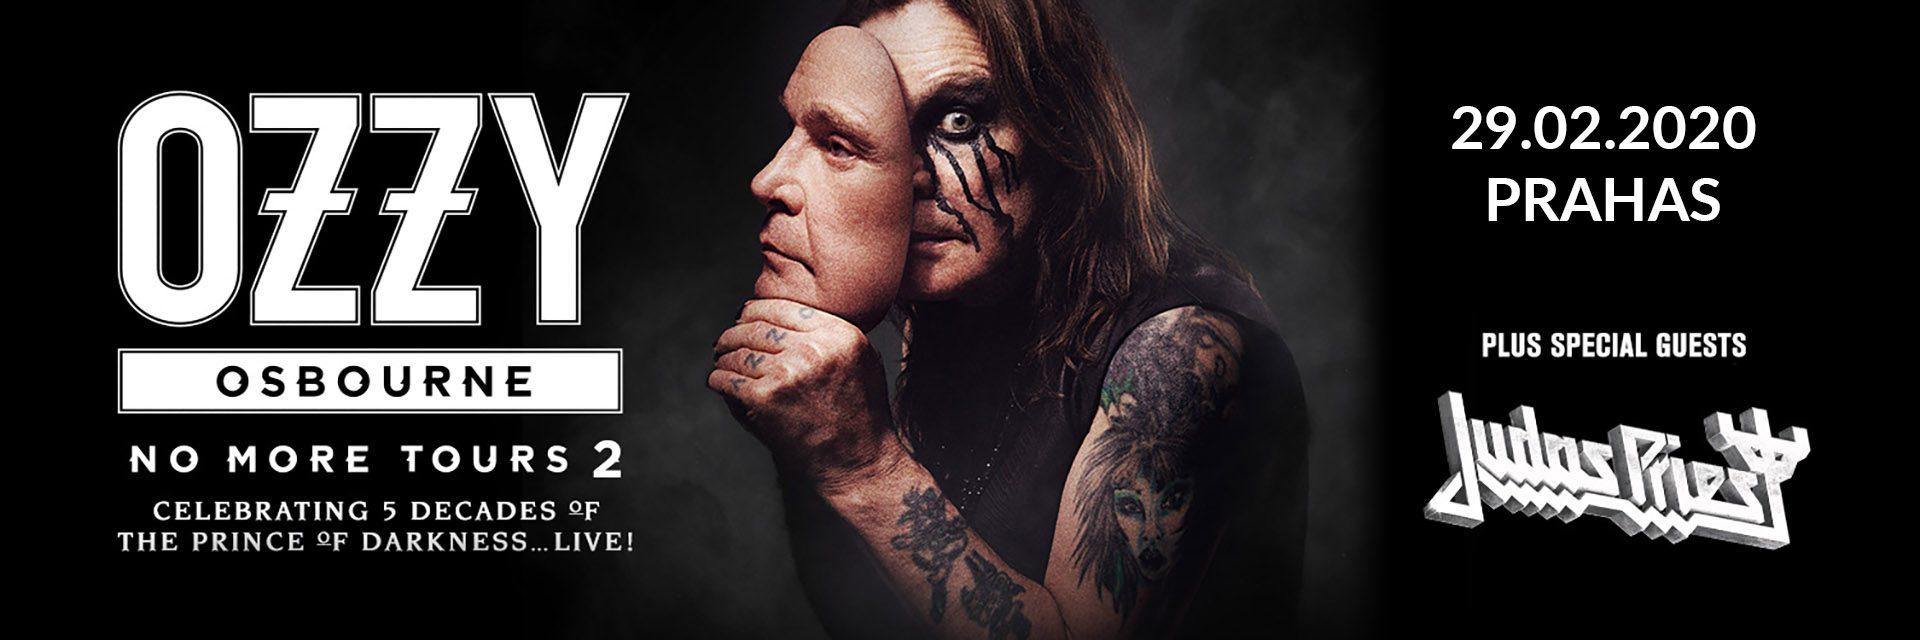 Kontserdireis: Ozzy Osbourne ja Judas Priest